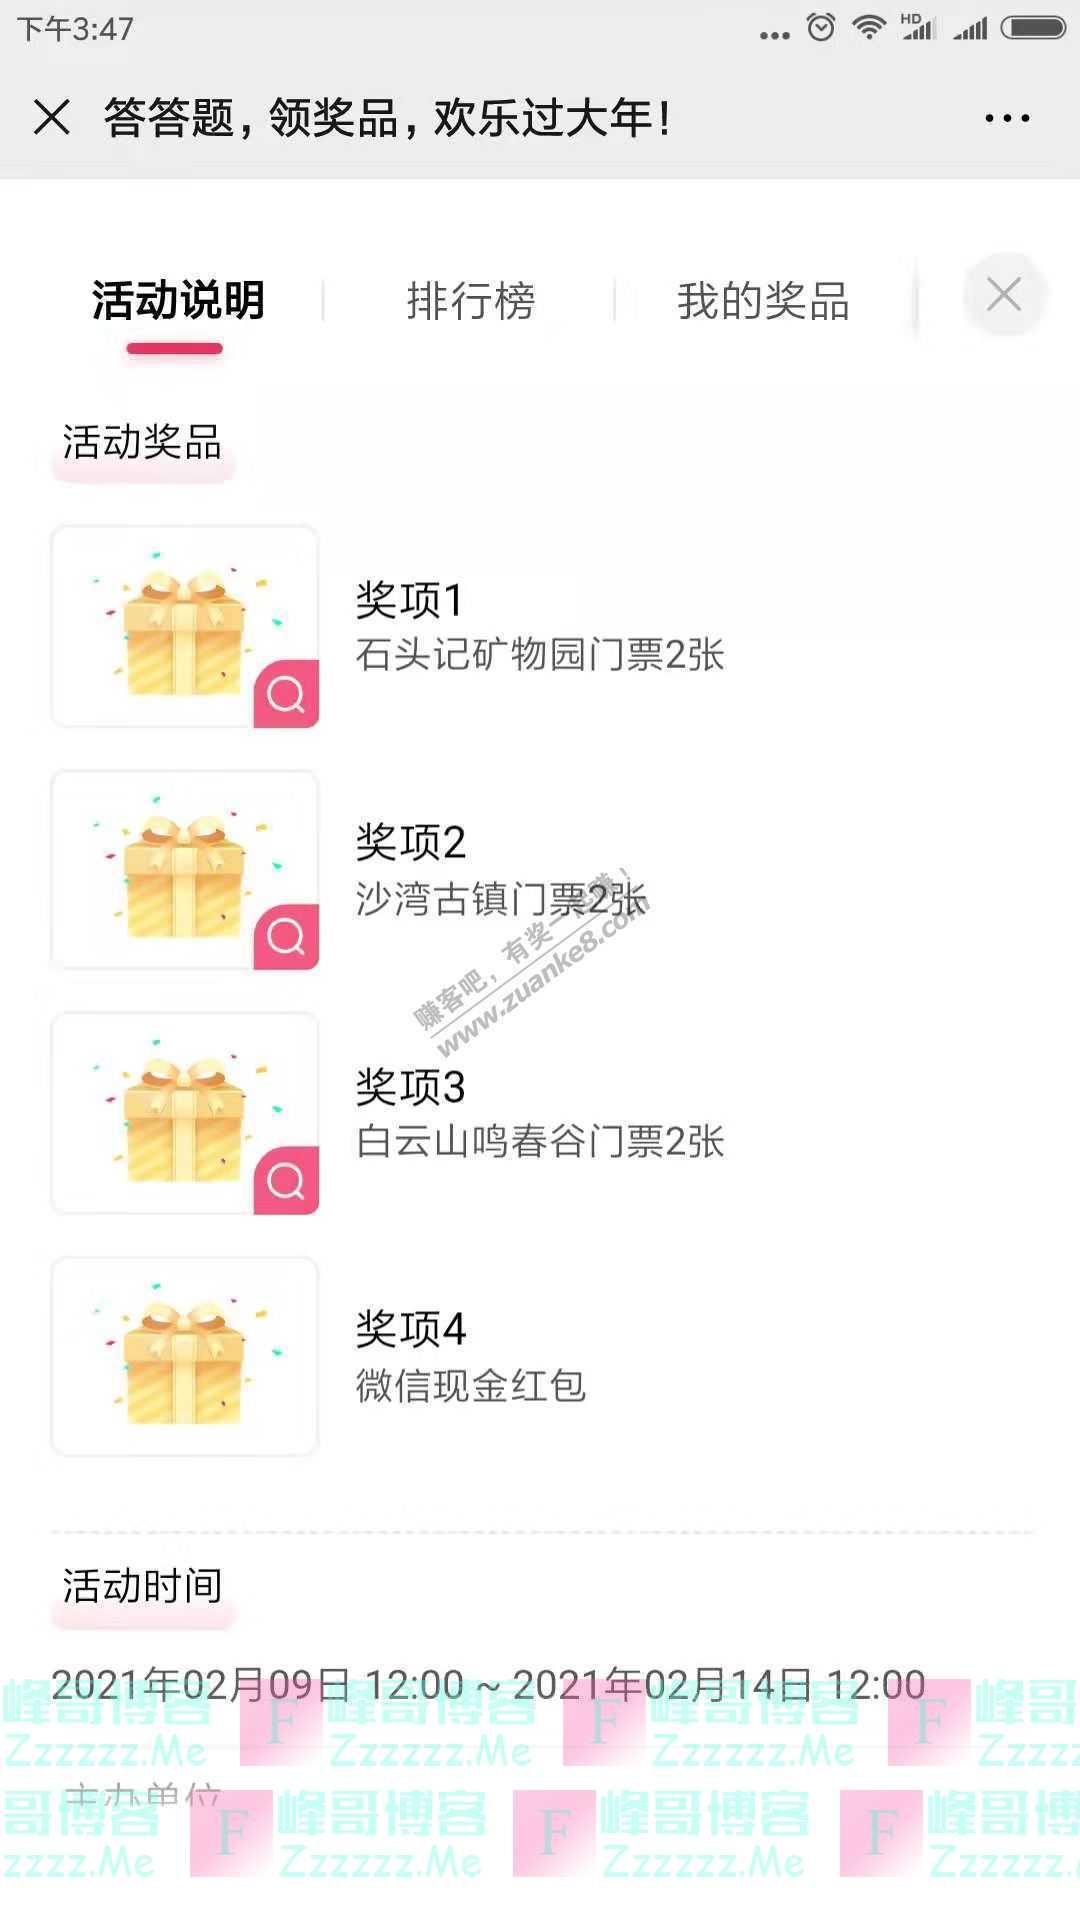 科普广州领过年科普自由行门票(截止2月14日)